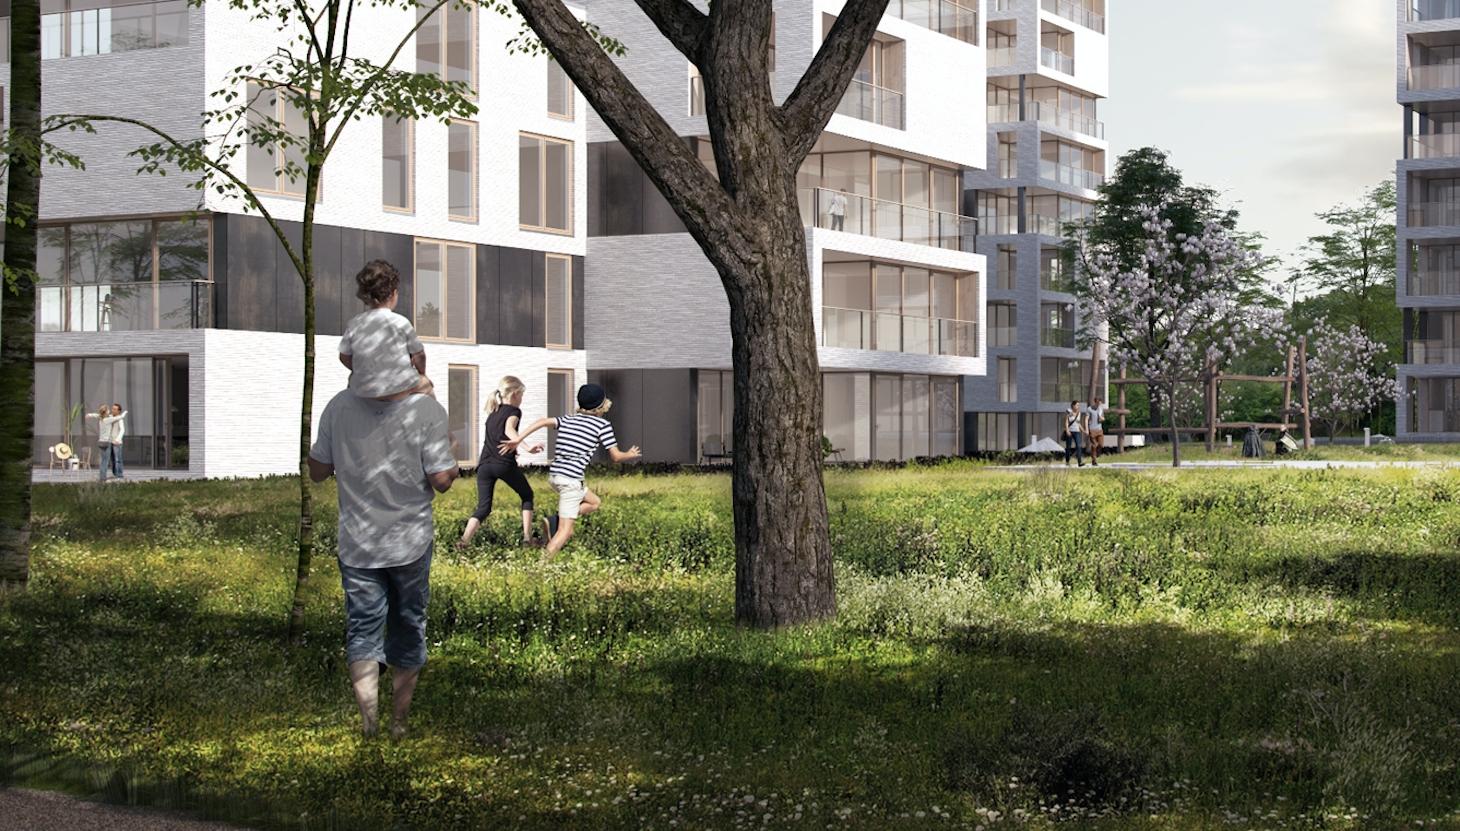 FRIIS & MOLTKE prækvalificeret til boligbebyggelse i Egedal Stationsby